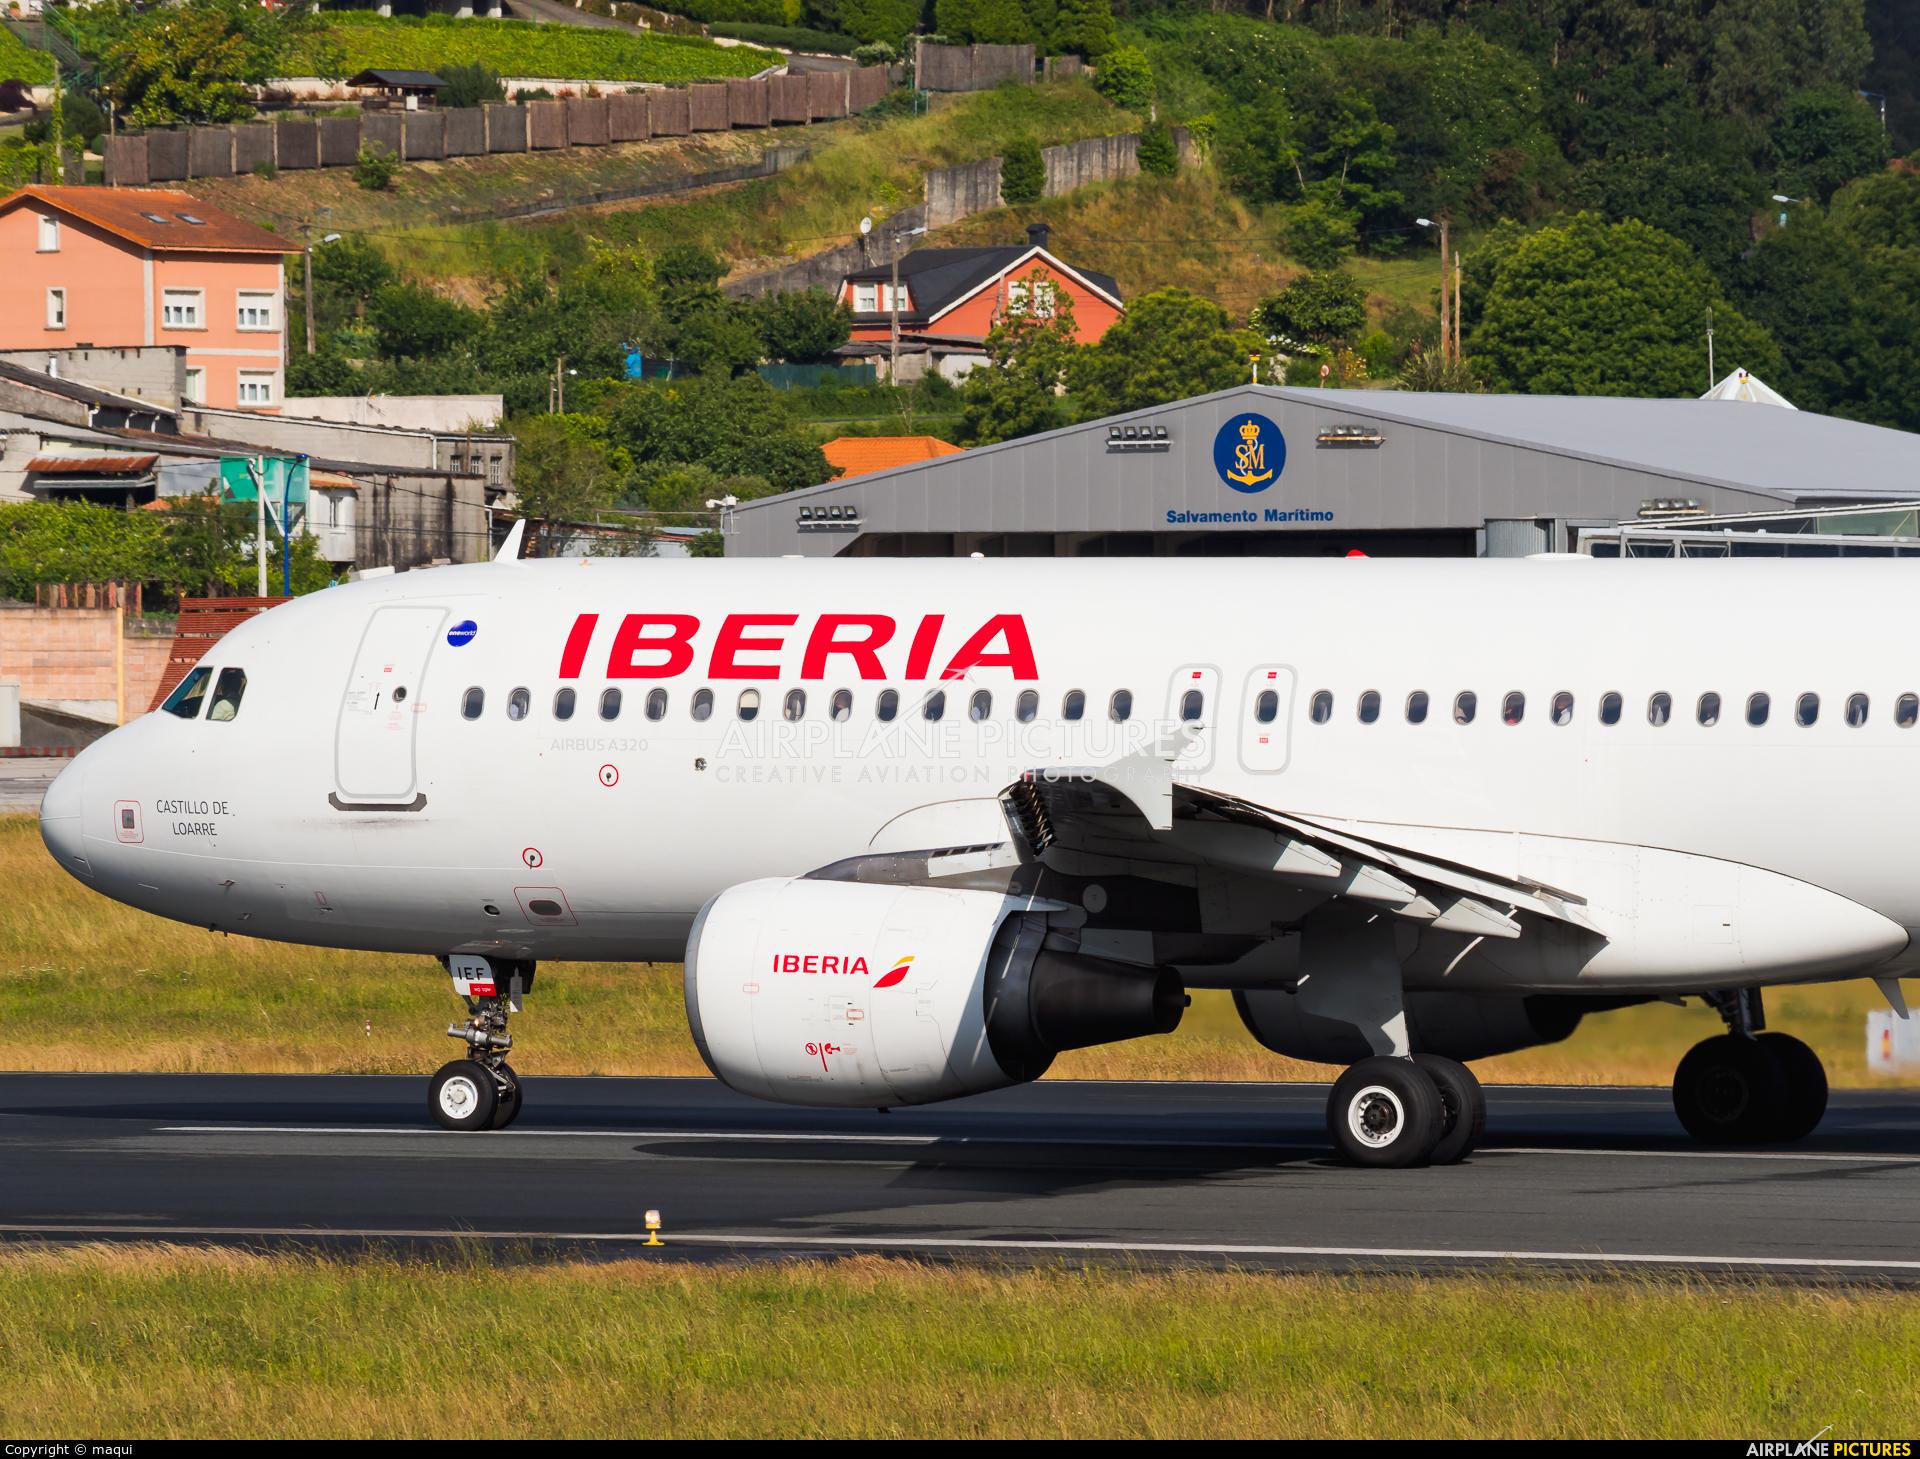 Iberia EC-IEF aircraft at La Coruña